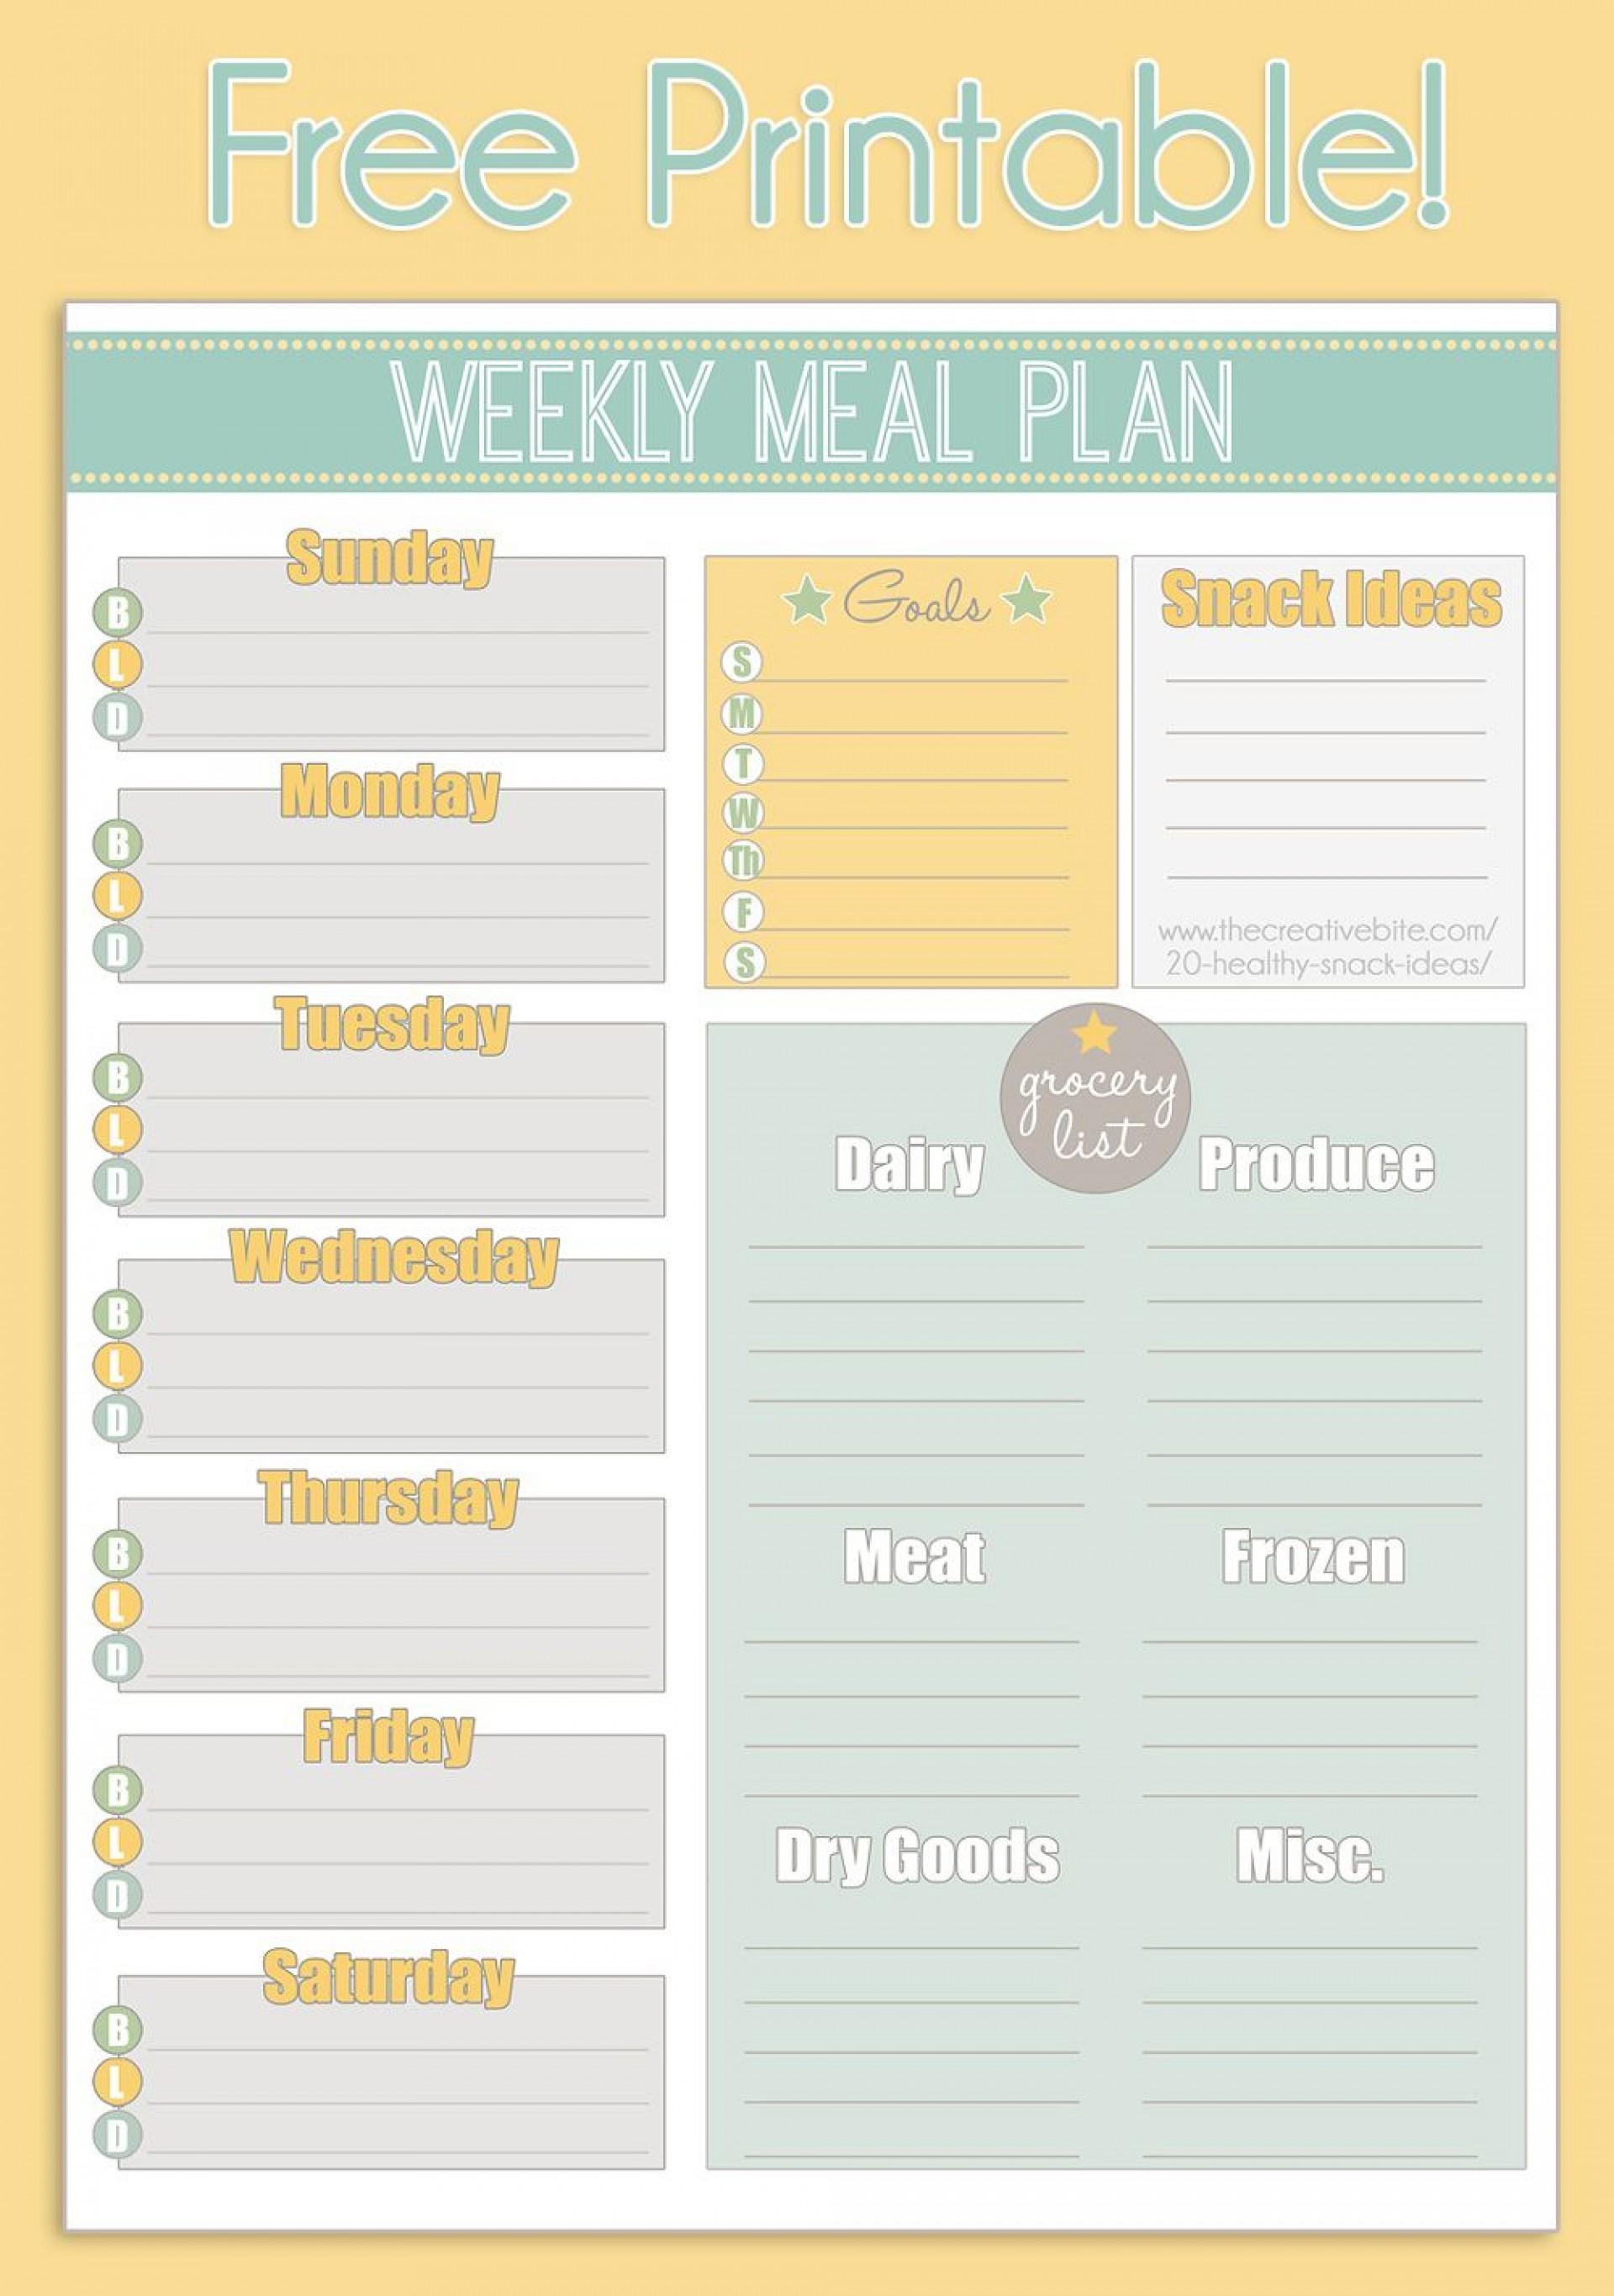 002 Fascinating Free Printable Weekly Meal Plan Template Example  Planning Worksheet1920